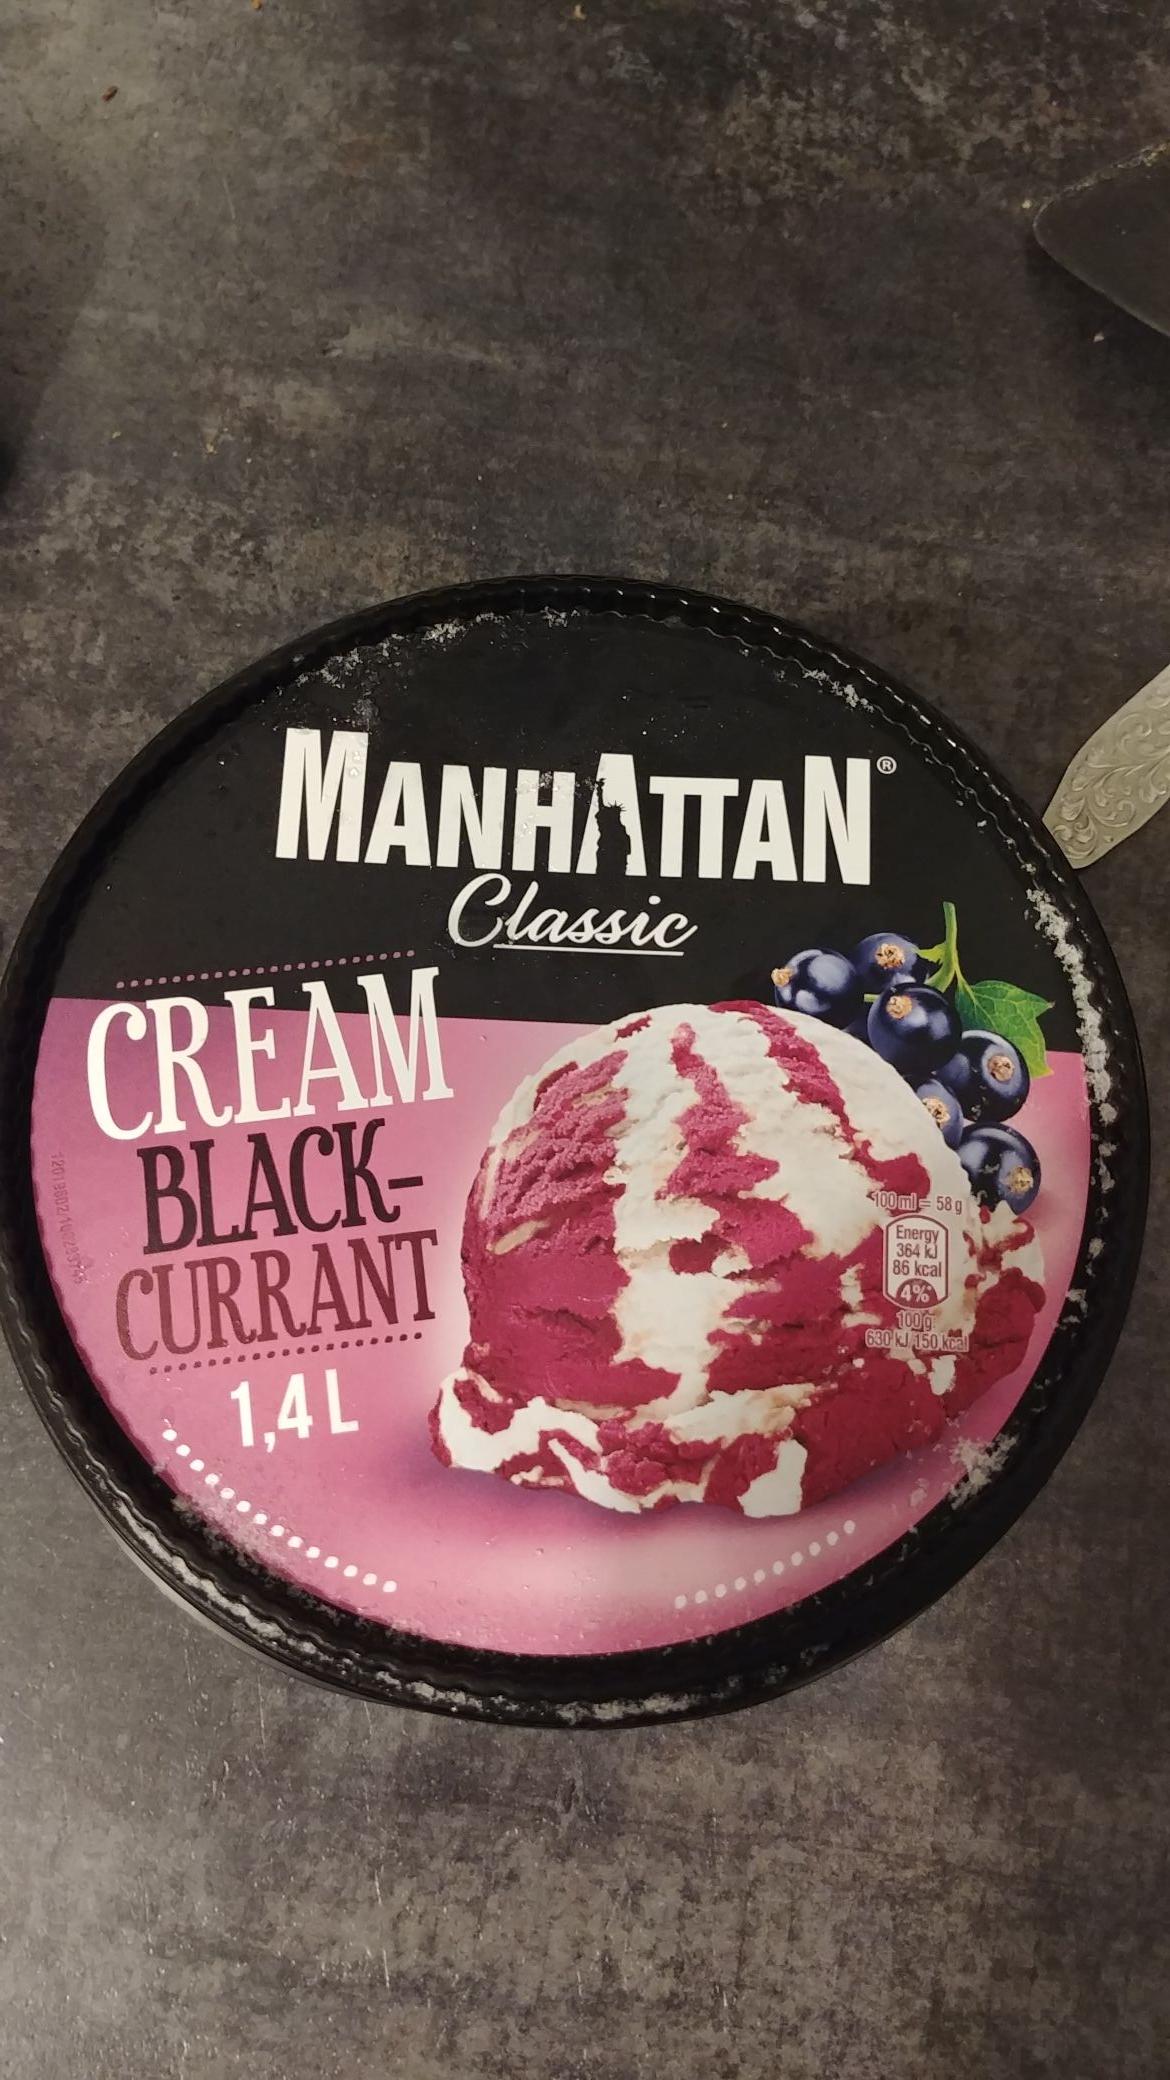 Manhattan CREAM BLACKCURRANT Zielona Budka Rzeszów